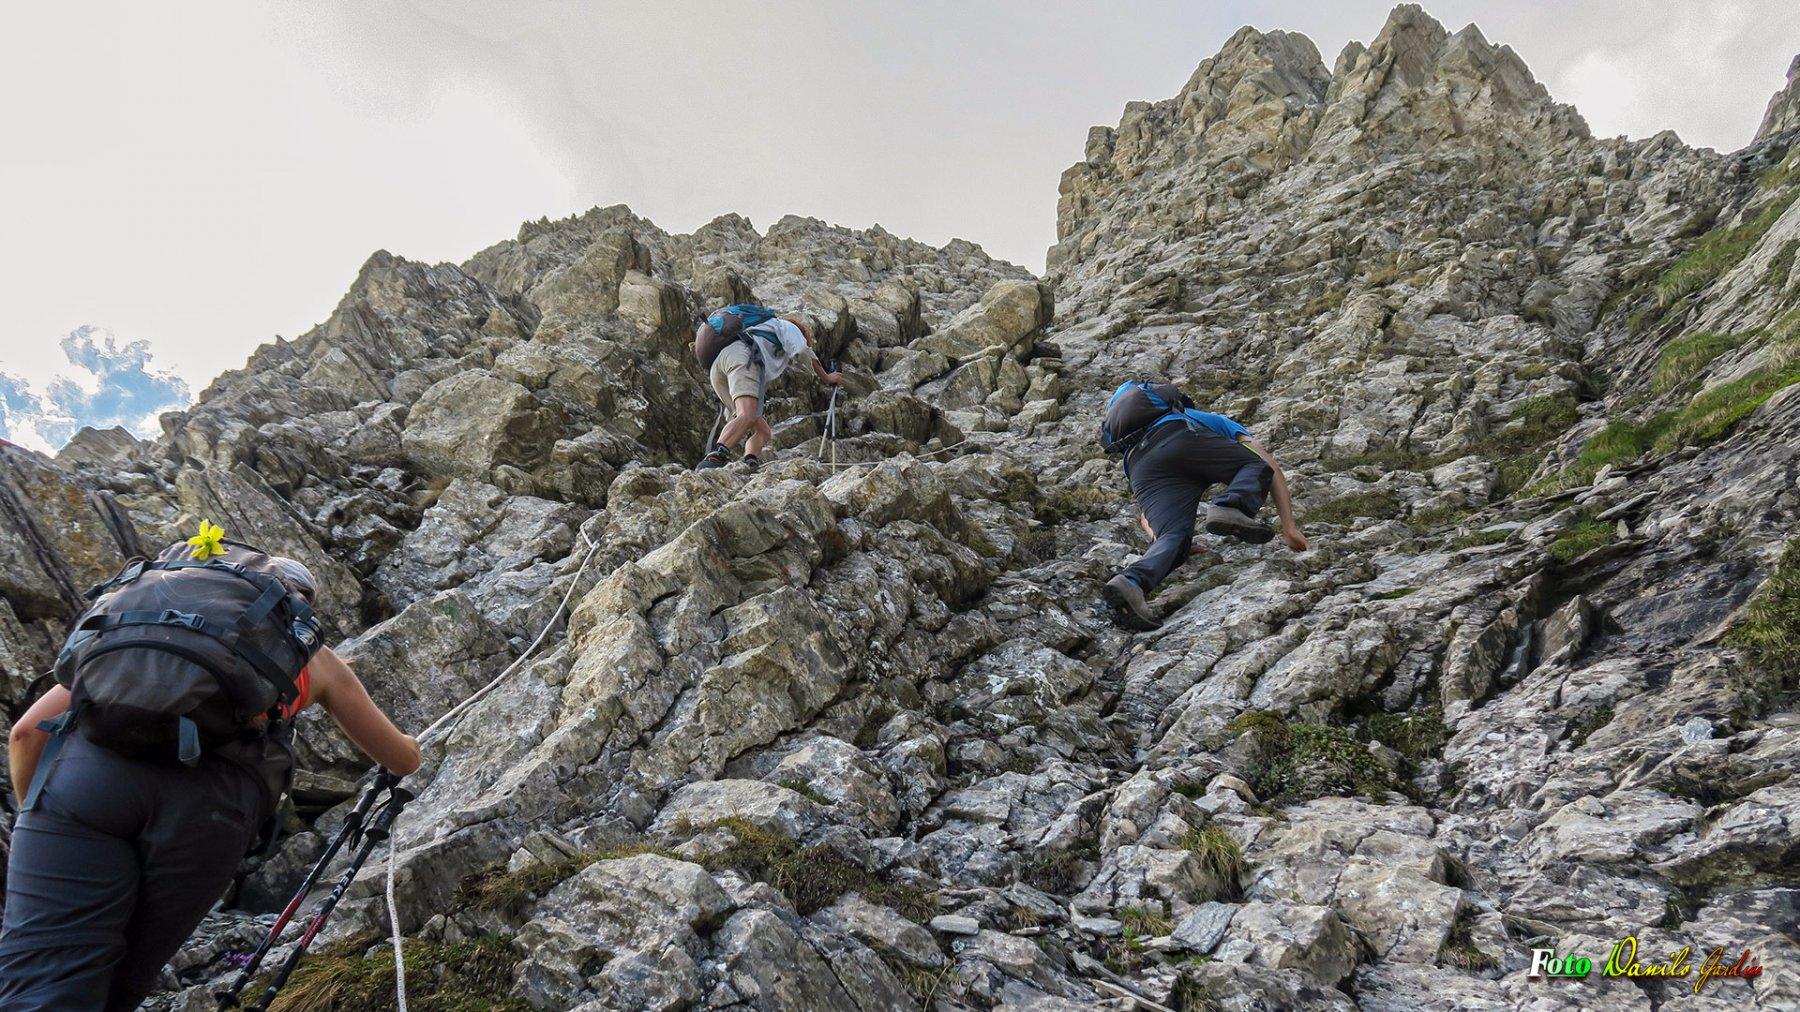 La salita al Passo del Ciat 2640 m